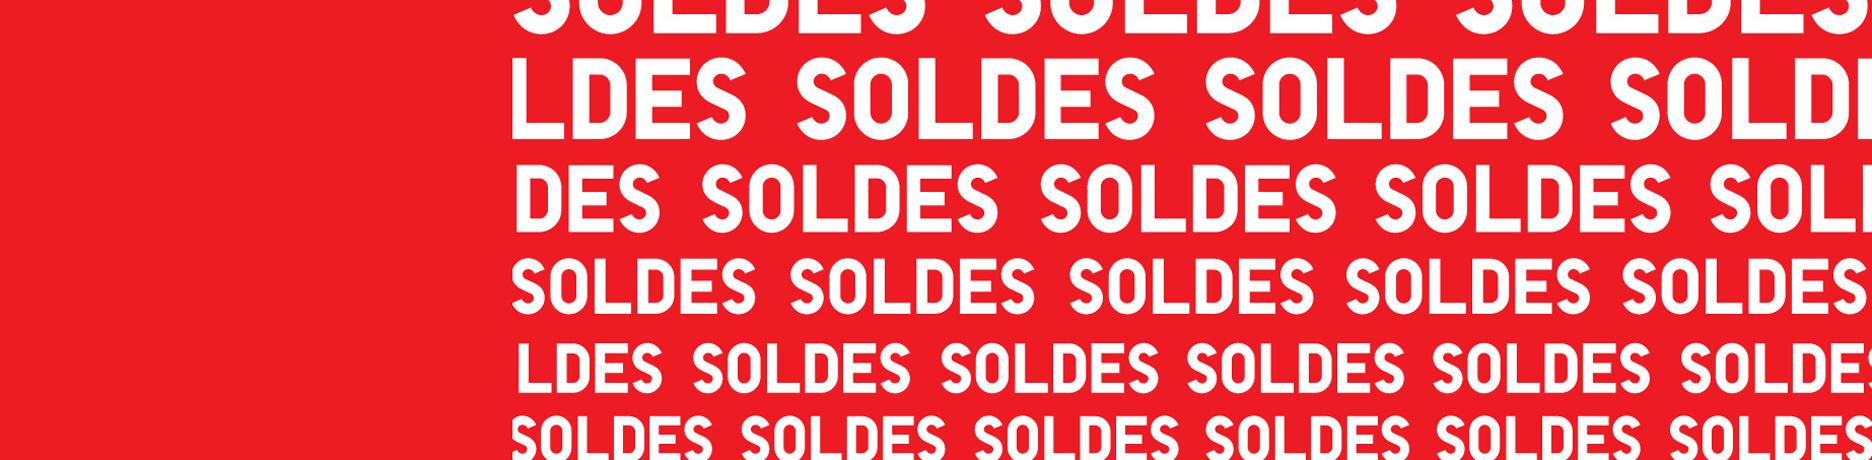 SOLDES ETE